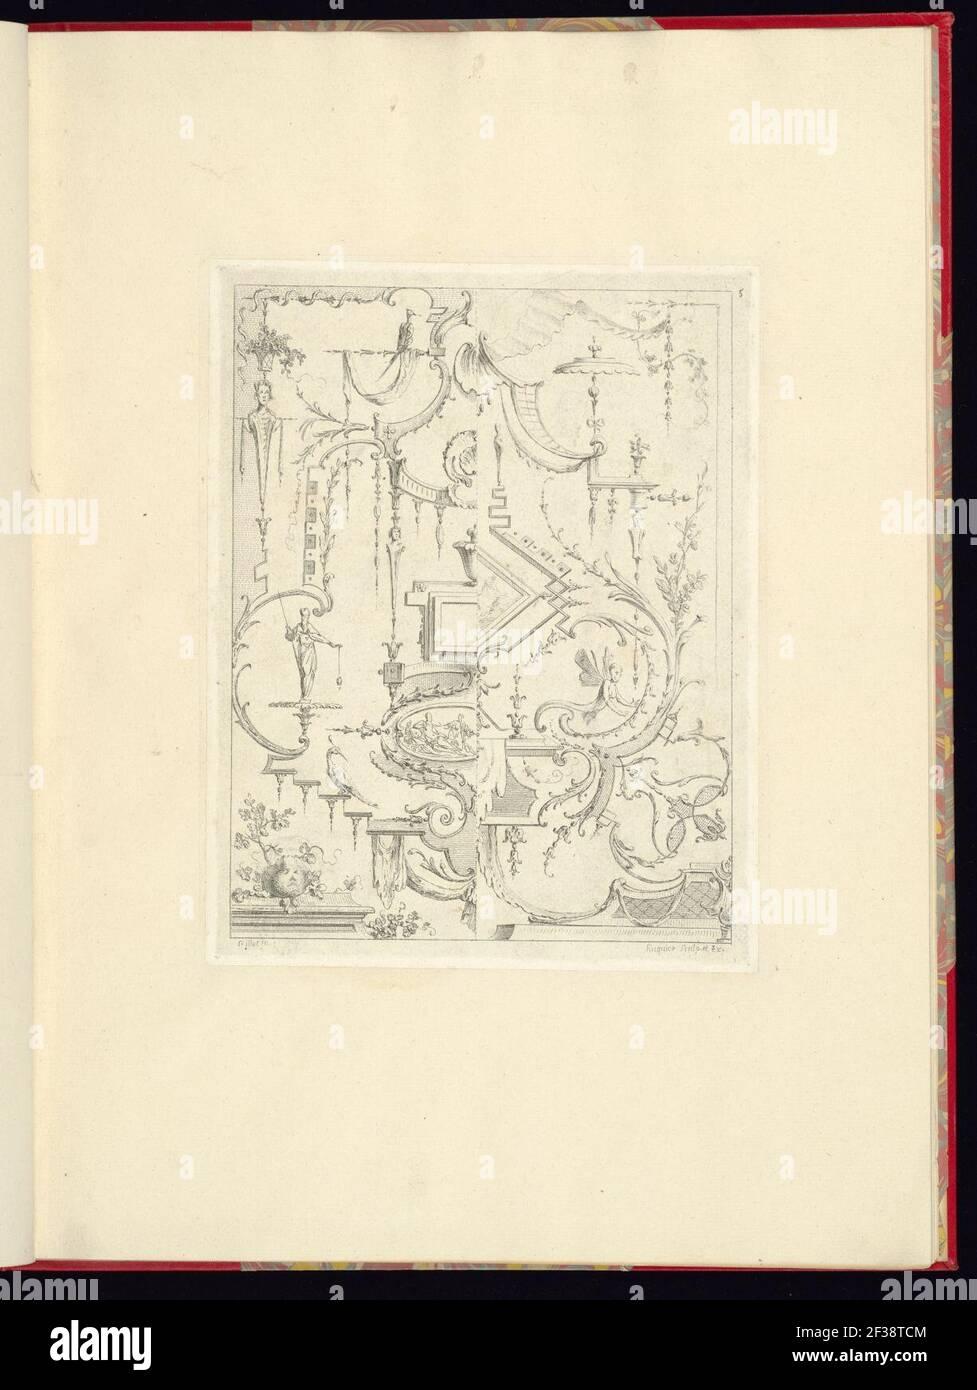 Imprimir, nouveau livre de princpes d'ornements particulièrement pour trouver un nombre infini de formes qui dependent, d'après les dessins de Gillot. Peintre du Roy, gravé par Huquier; pl. 5 Foto de stock